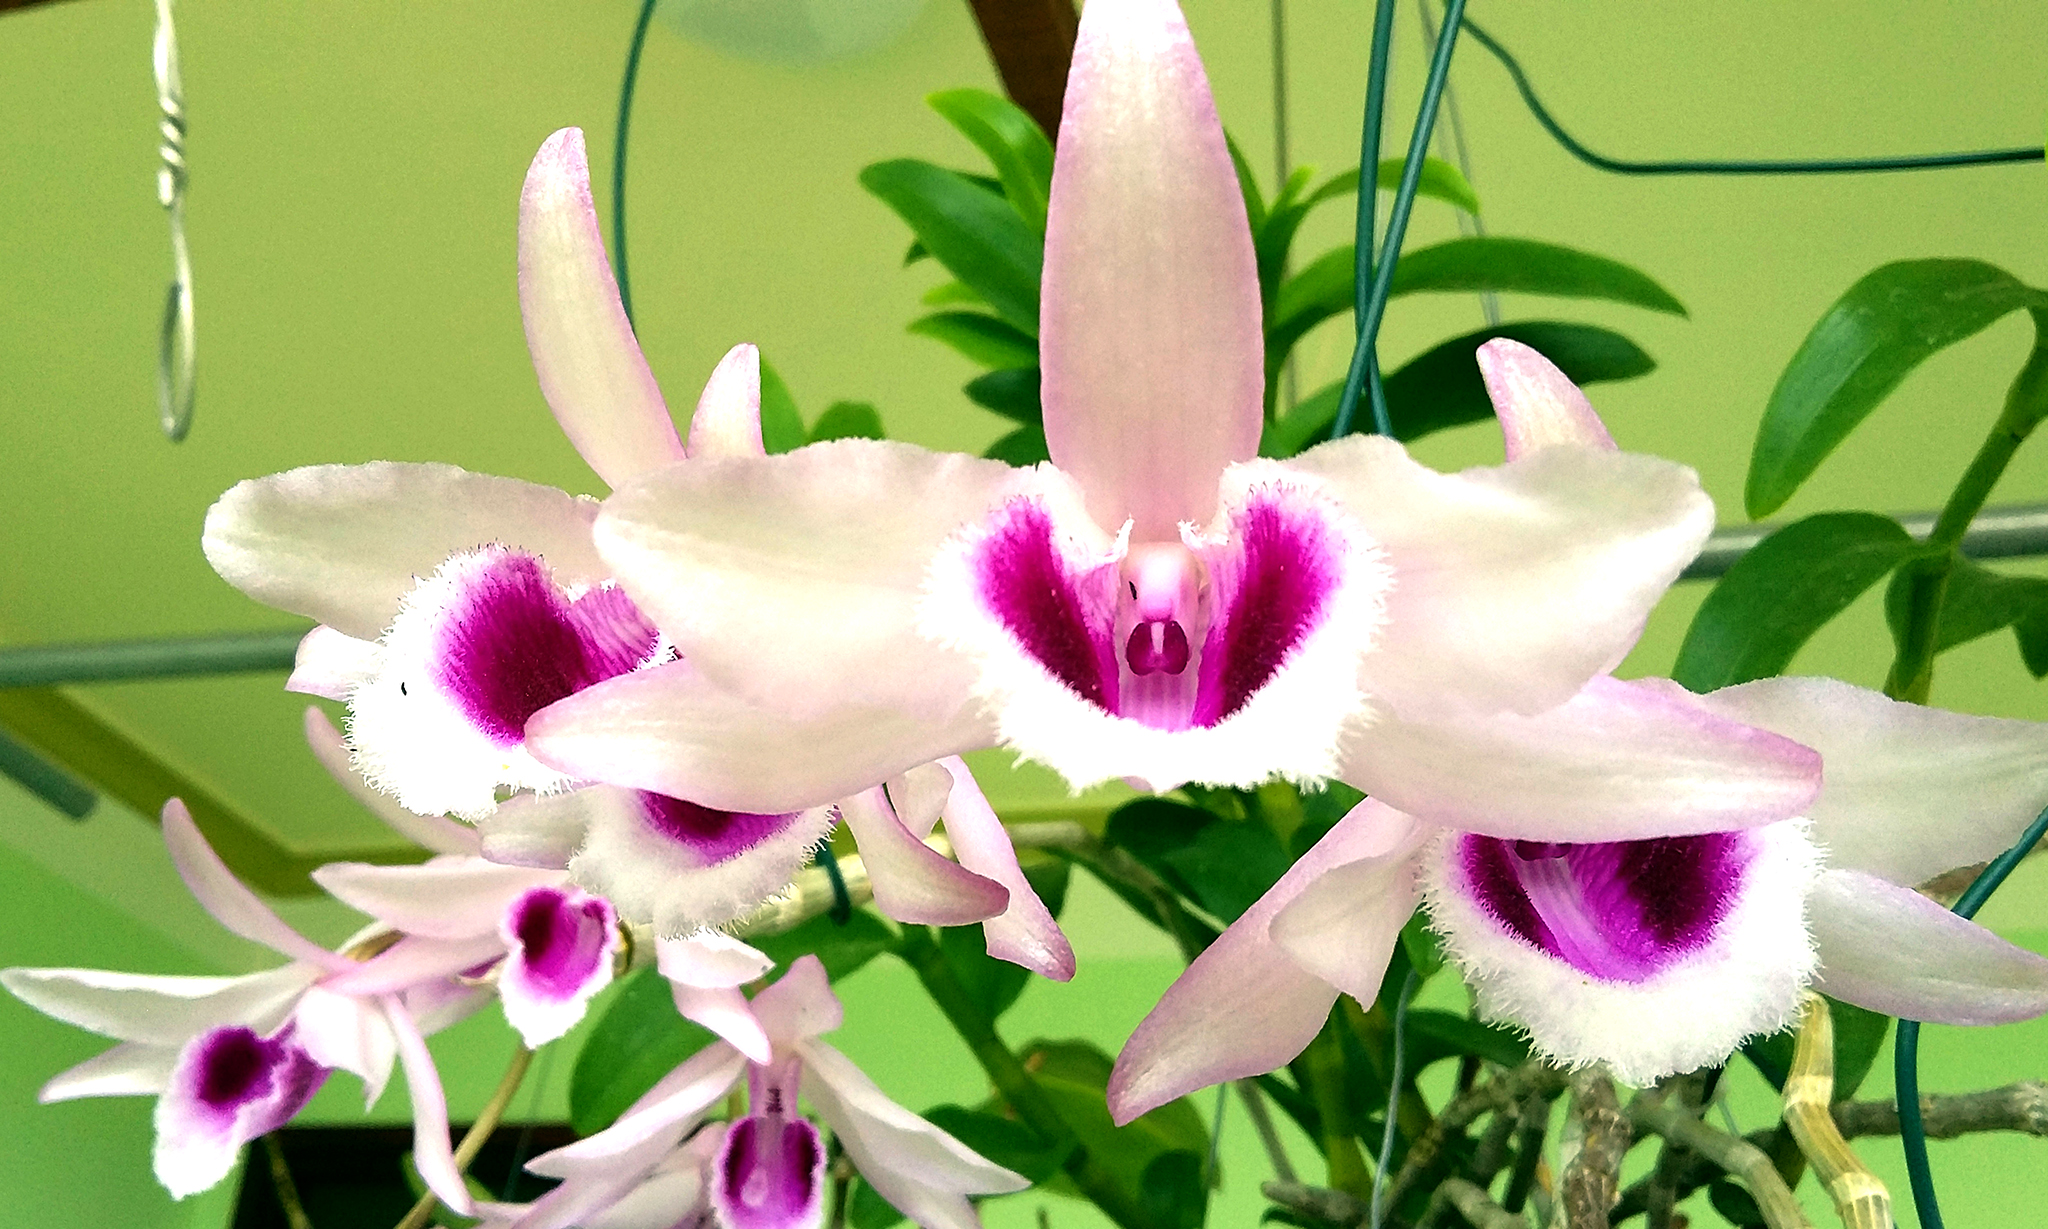 Hình ảnh cây hoa lan trắng tím đẹp